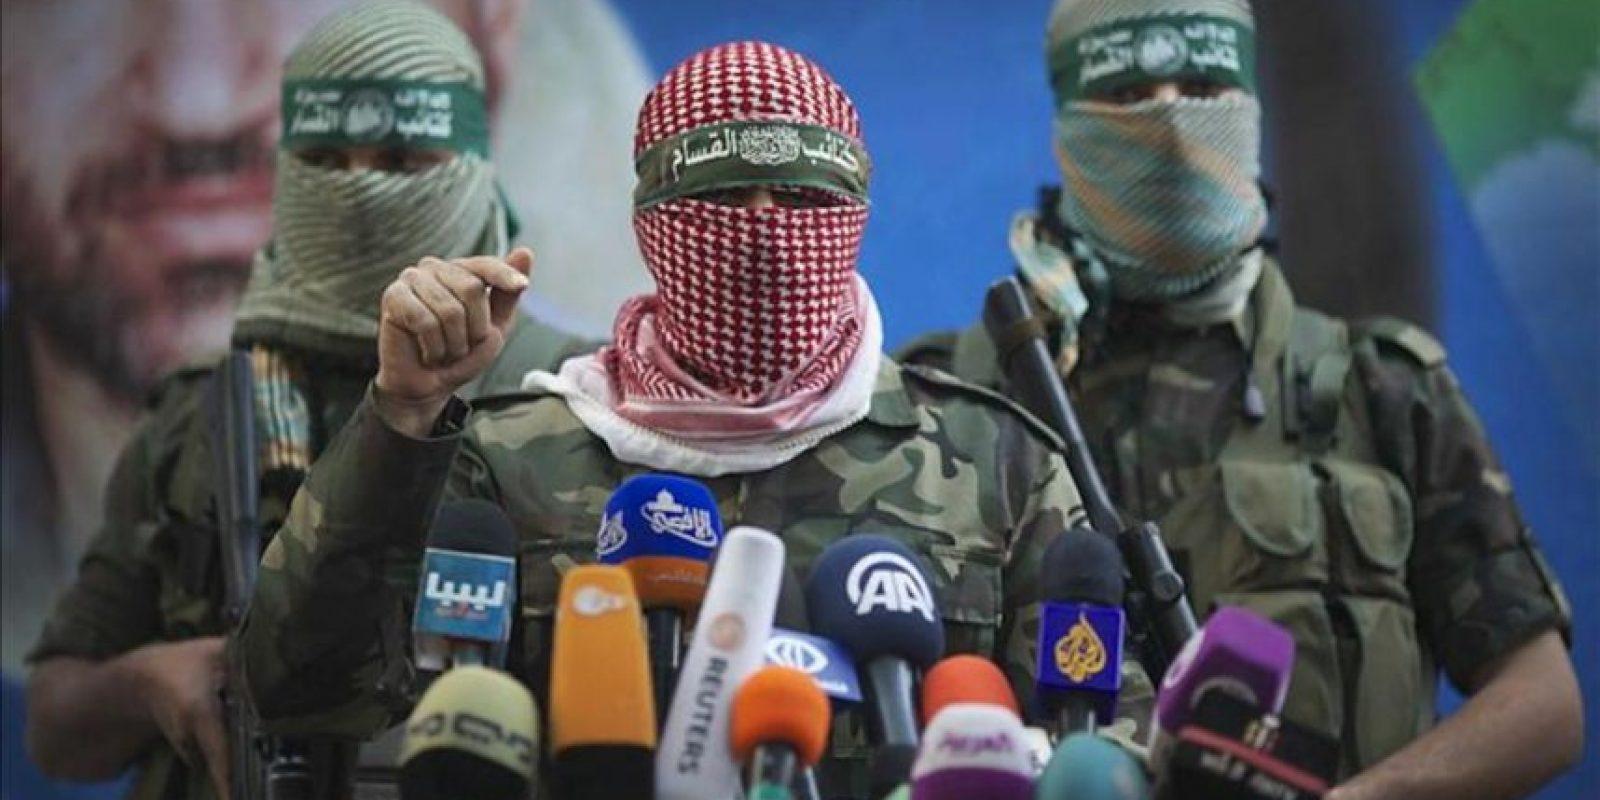 Miembros de Hamás realizan una conferencia de prensa de este movimiento hoy, jueves 22 de noviembre de 2012, en Ciudad de Gaza. EFE